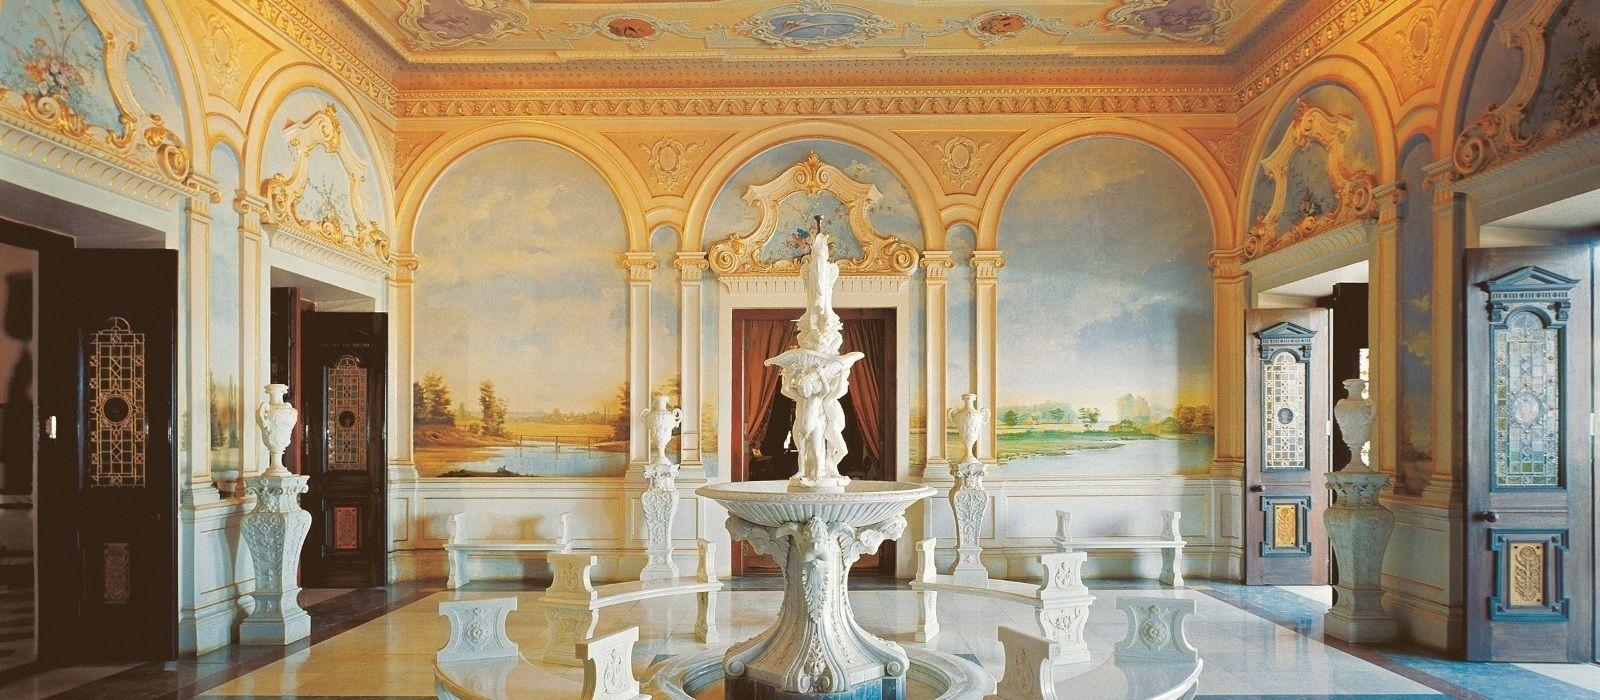 Hotel Taj Falaknuma Palace South India